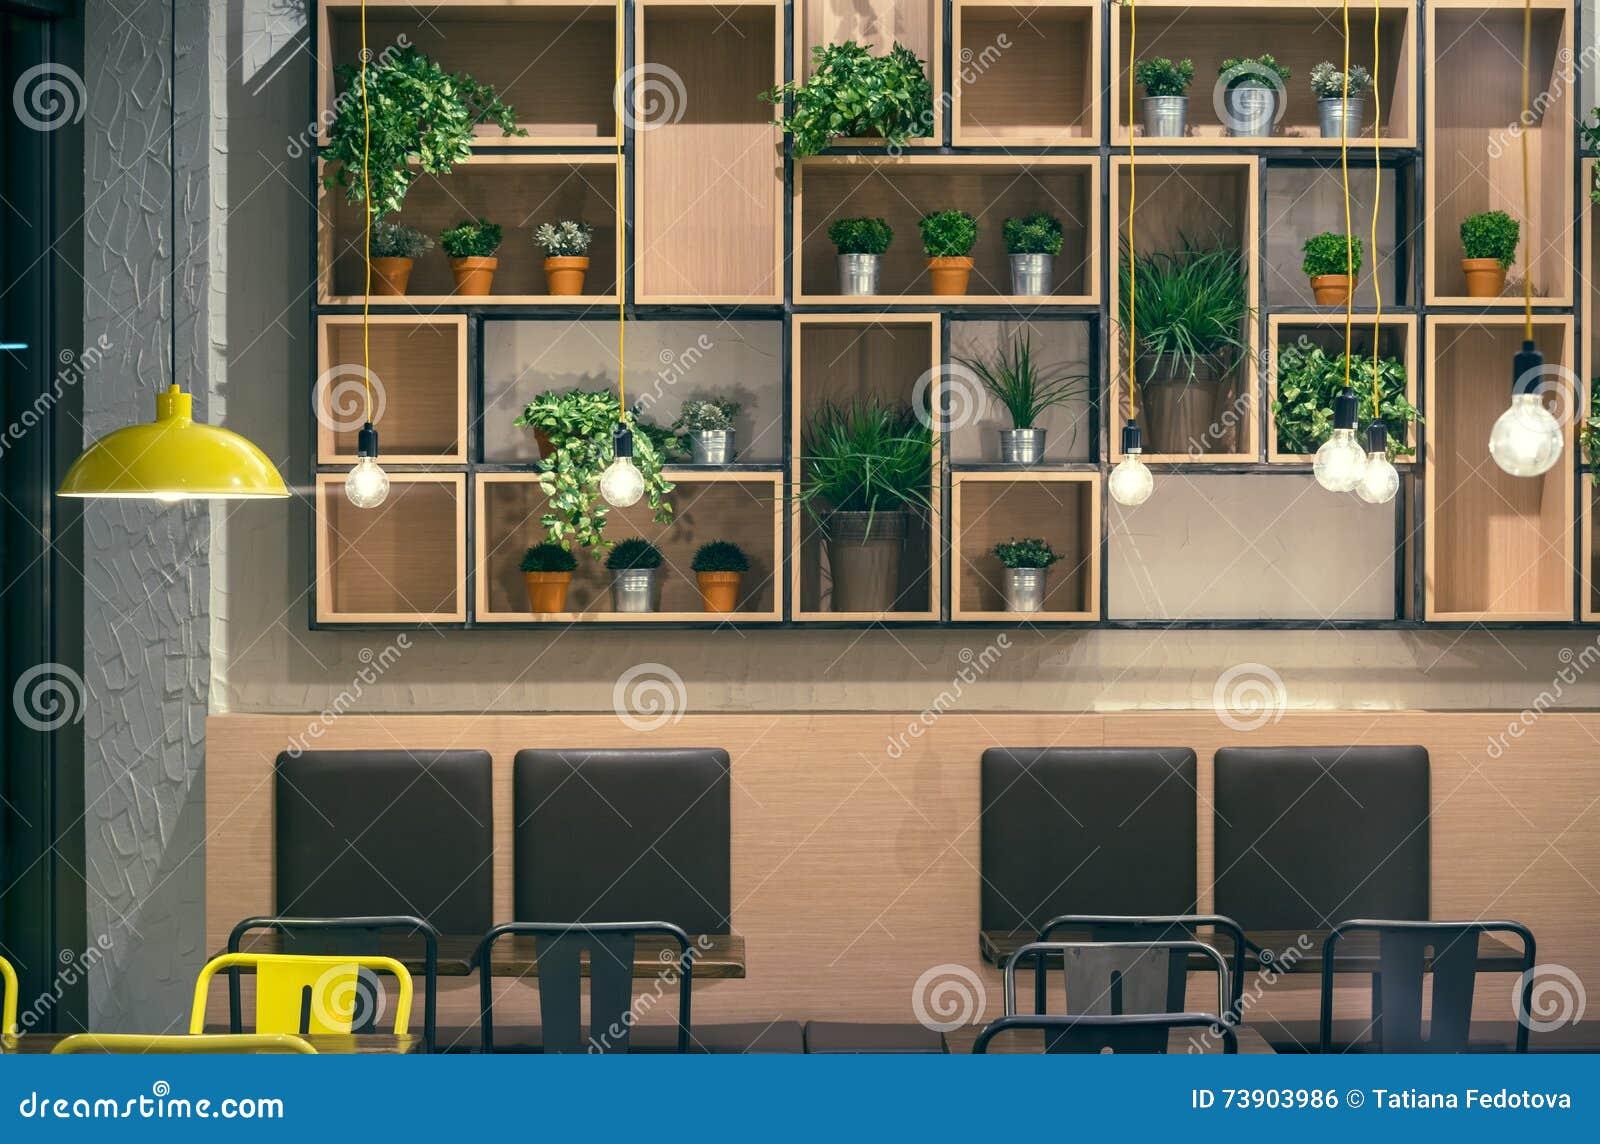 Cafe Innenraum Wandgestaltung Stockfoto Bild Von Niemand Hell